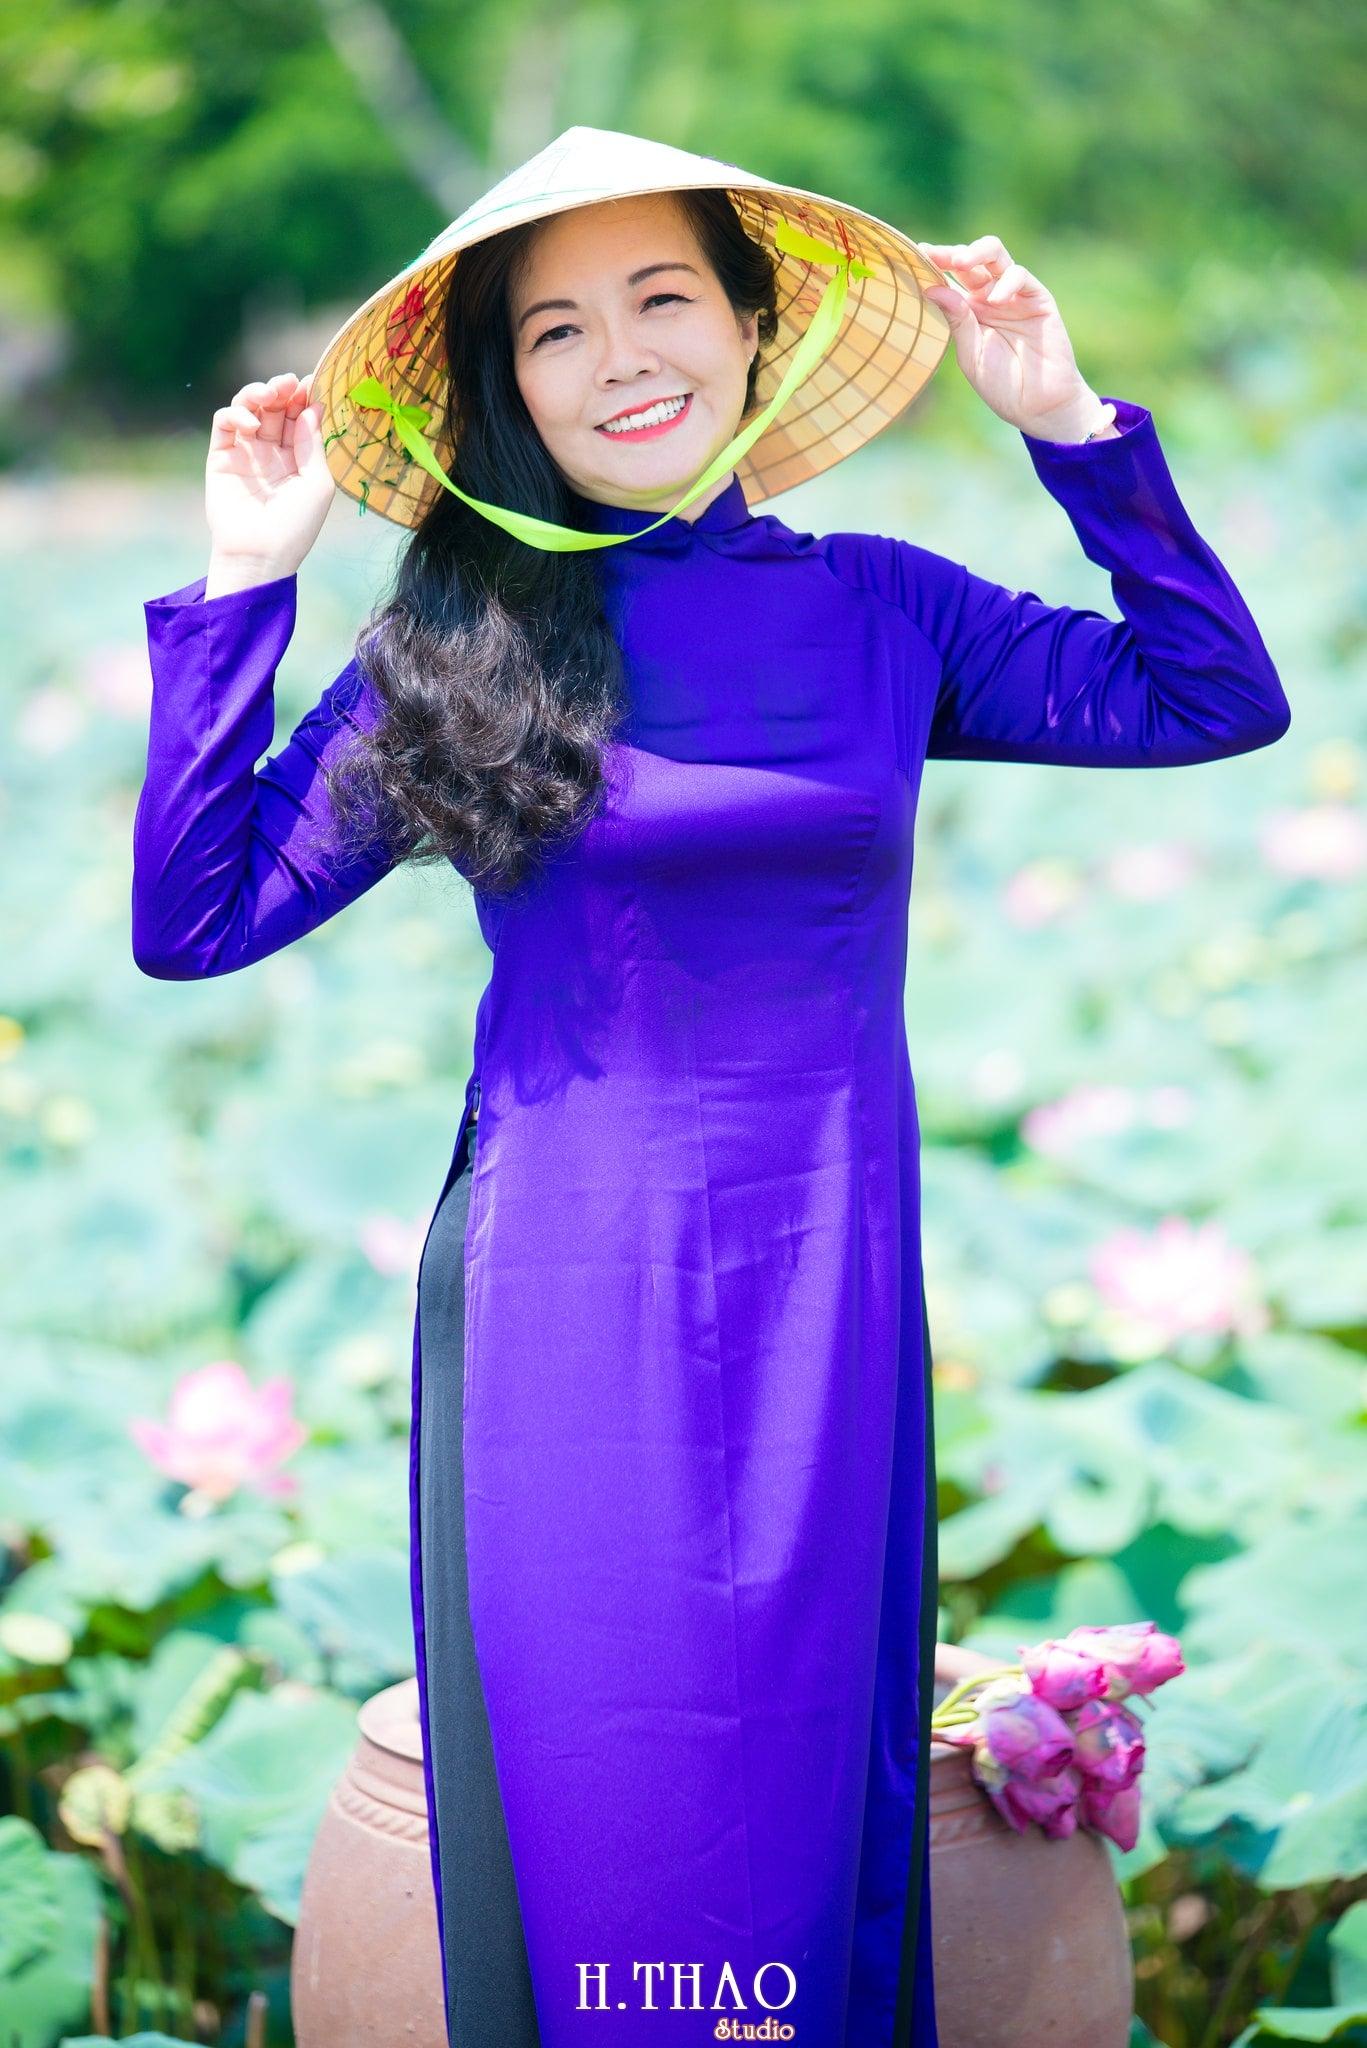 nh áo dài hoa sen 8 - Góc ảnh áo dài tuổi 50 cô Phương chụp với hoa sen- HThao Studio